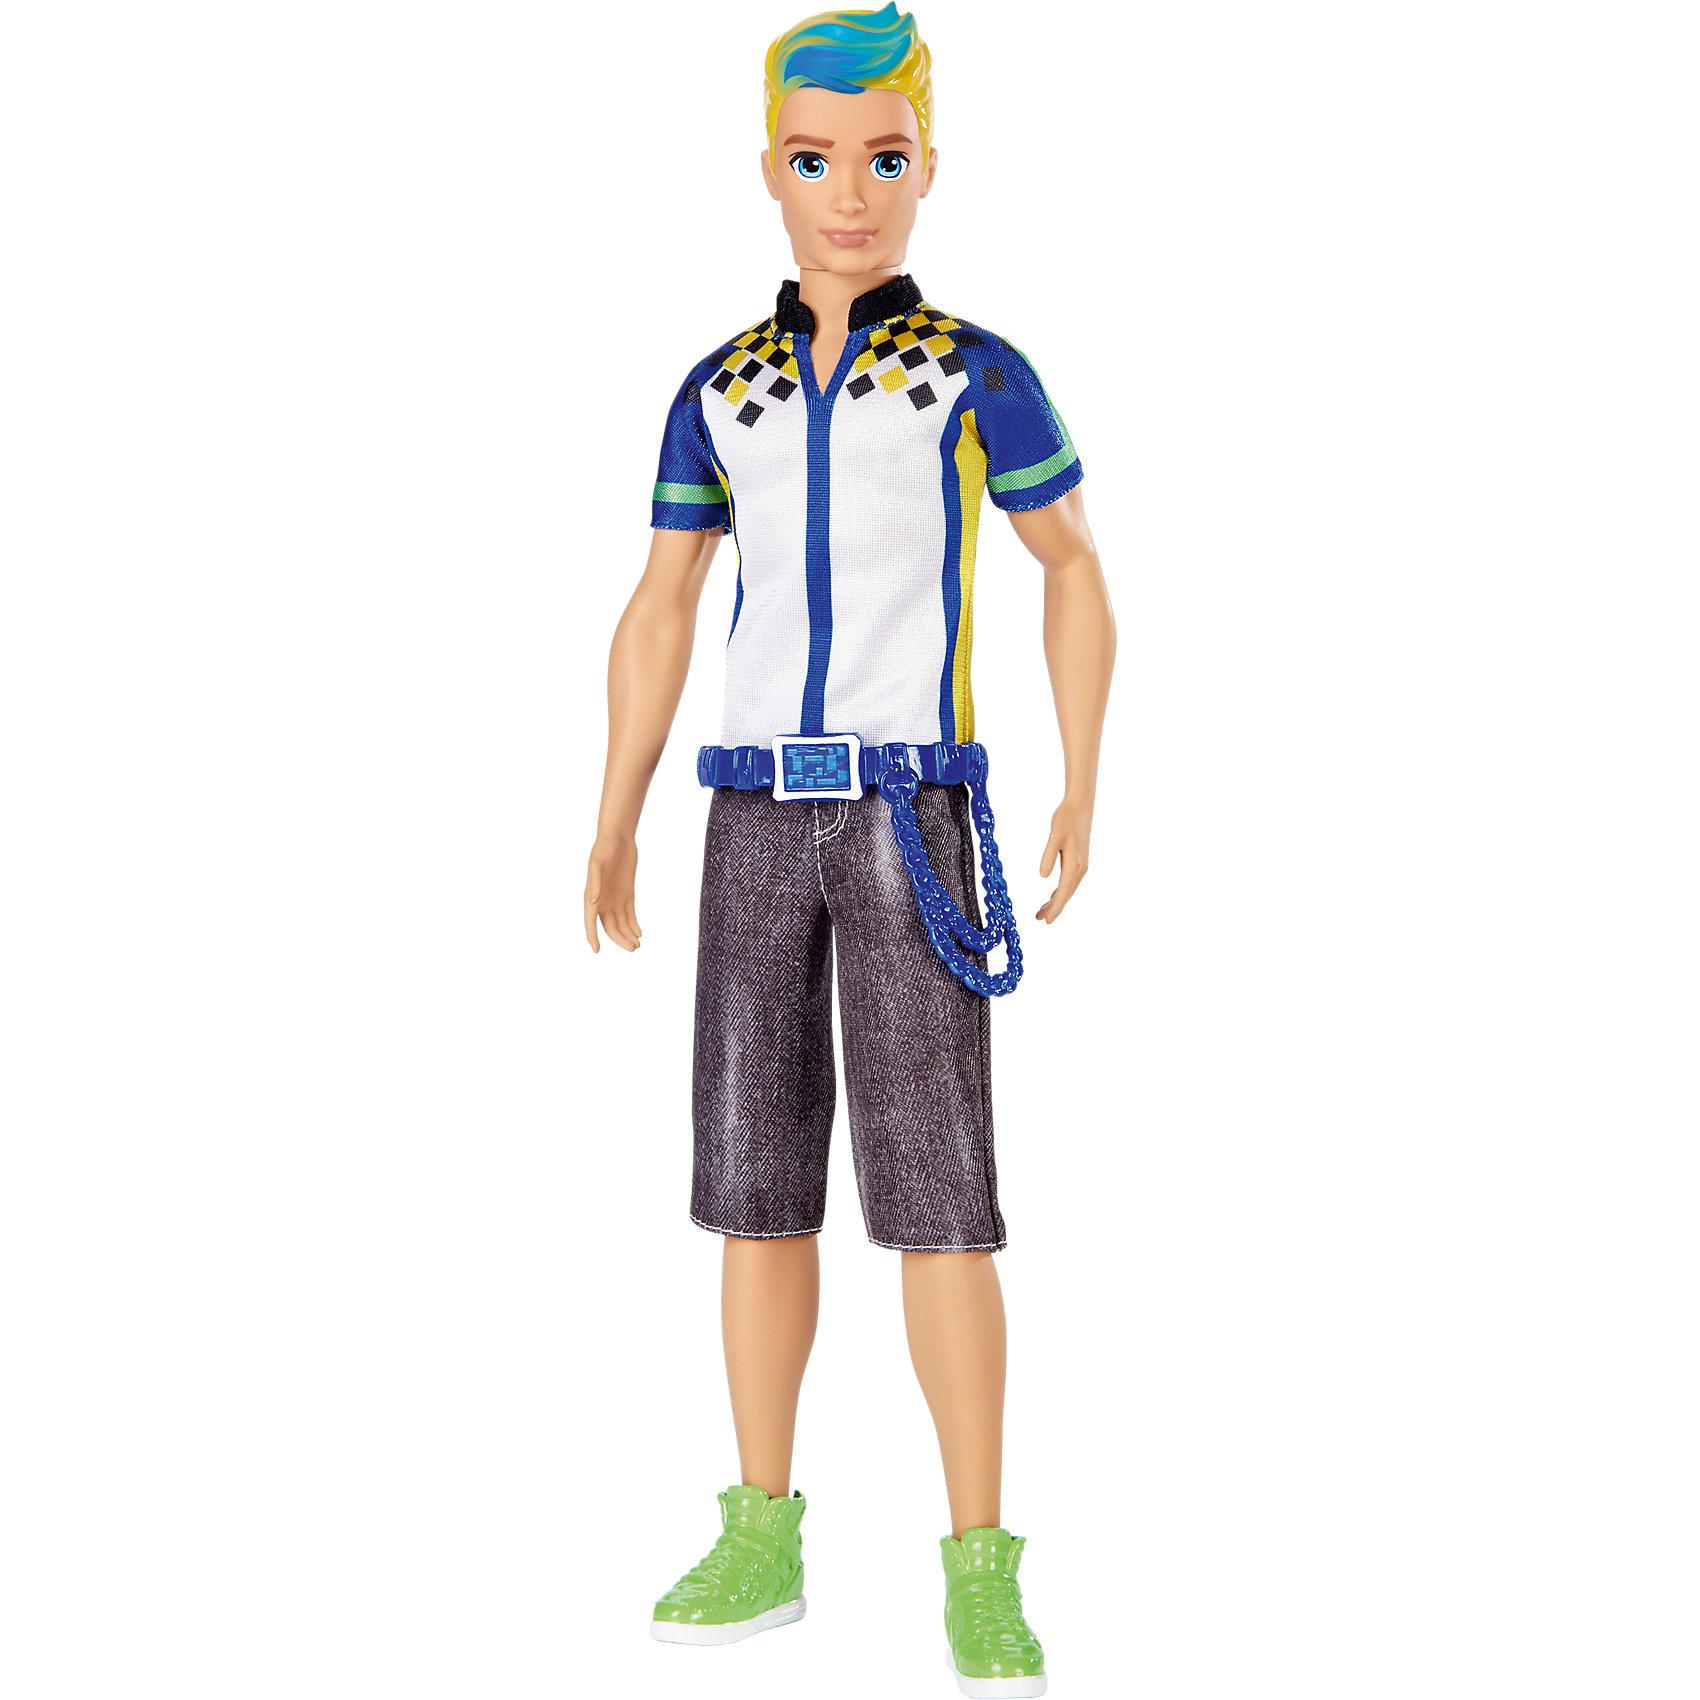 Кукла Кен из серии «Barbie и виртуальный мир»Barbie<br>Кукла Кен из серии «Barbie и виртуальный мир», (Барби)<br><br>Характеристики:<br><br>• яркий наряд в стиле аниме<br>• серия: Barbie и виртуальный мир<br>• материал: пластик, текстиль <br>• размер упаковки: 12х6х33 см<br>• вес: 220 грамм<br><br>Очаровательный Кен с нарядом в стиле аниме по достоинству оценят любители виртуального мира. Кен одет в футболку с ярким принтом, джинсовые шорты и стильные кеды. Пояс украшает ремень с длинной цепочкой. Яркий пряди в волосах отлично дополняют образ Кена. Кукла станет отличным подарком для поклонниц серии Barbie и виртуальный мир!<br><br>Куклу Кен из серии «Barbie и виртуальный мир», (Барби) можно купить в нашем интернет-магазине.<br><br>Ширина мм: 324<br>Глубина мм: 116<br>Высота мм: 53<br>Вес г: 233<br>Возраст от месяцев: 36<br>Возраст до месяцев: 72<br>Пол: Женский<br>Возраст: Детский<br>SKU: 5257090